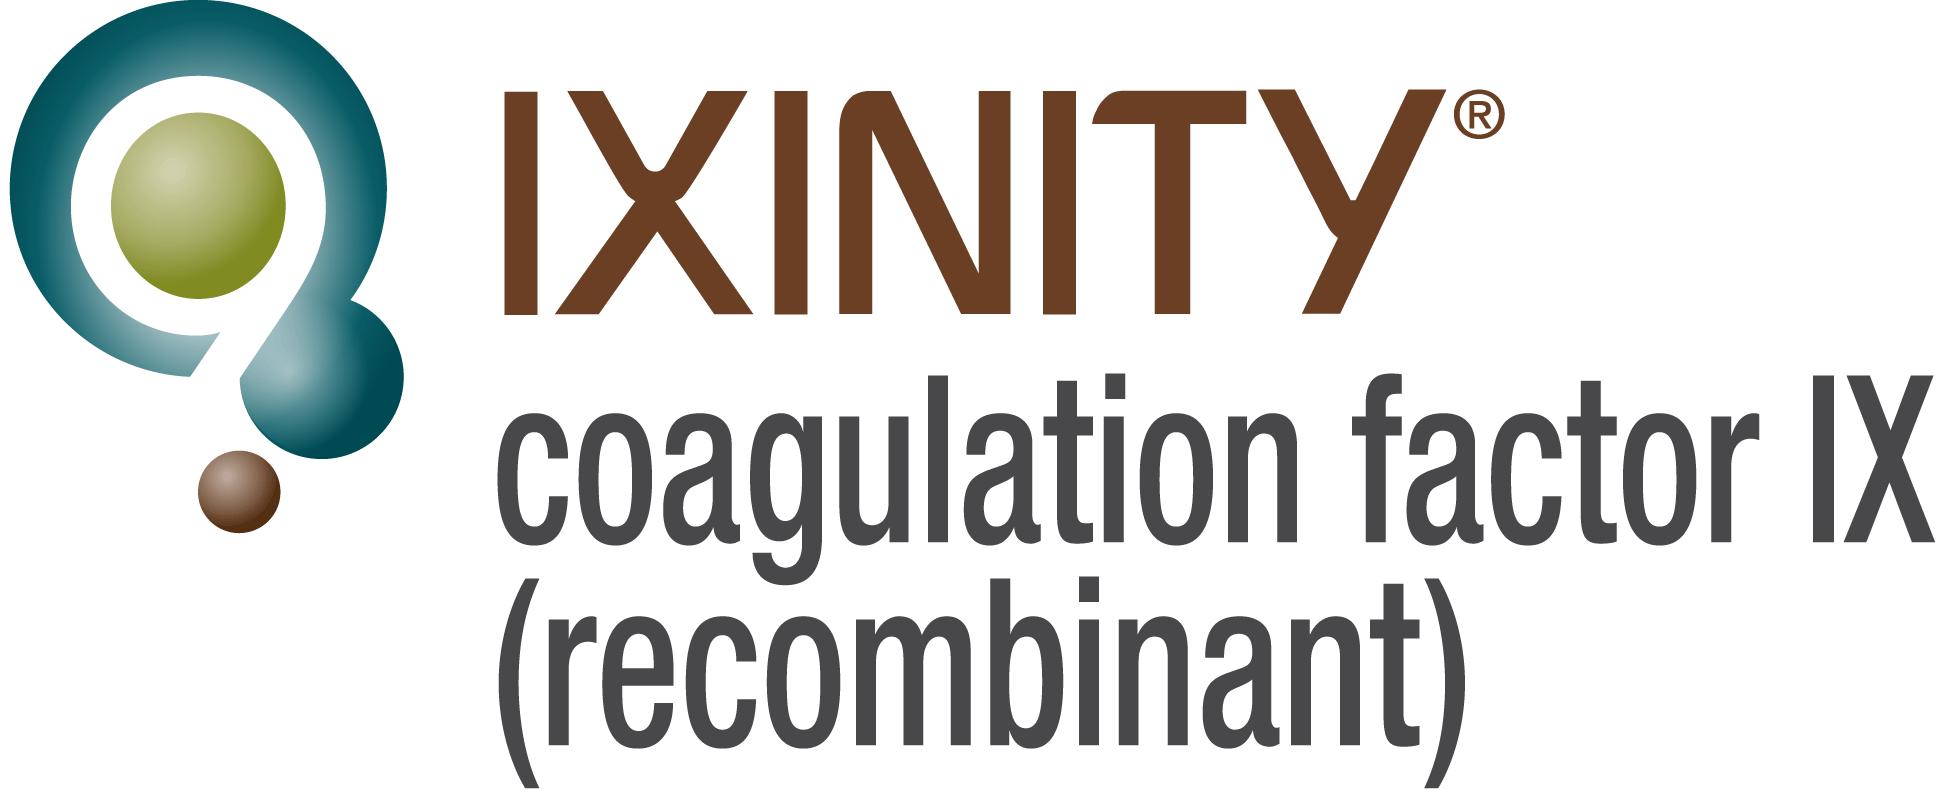 Medexus: Ixinity & Nutrition